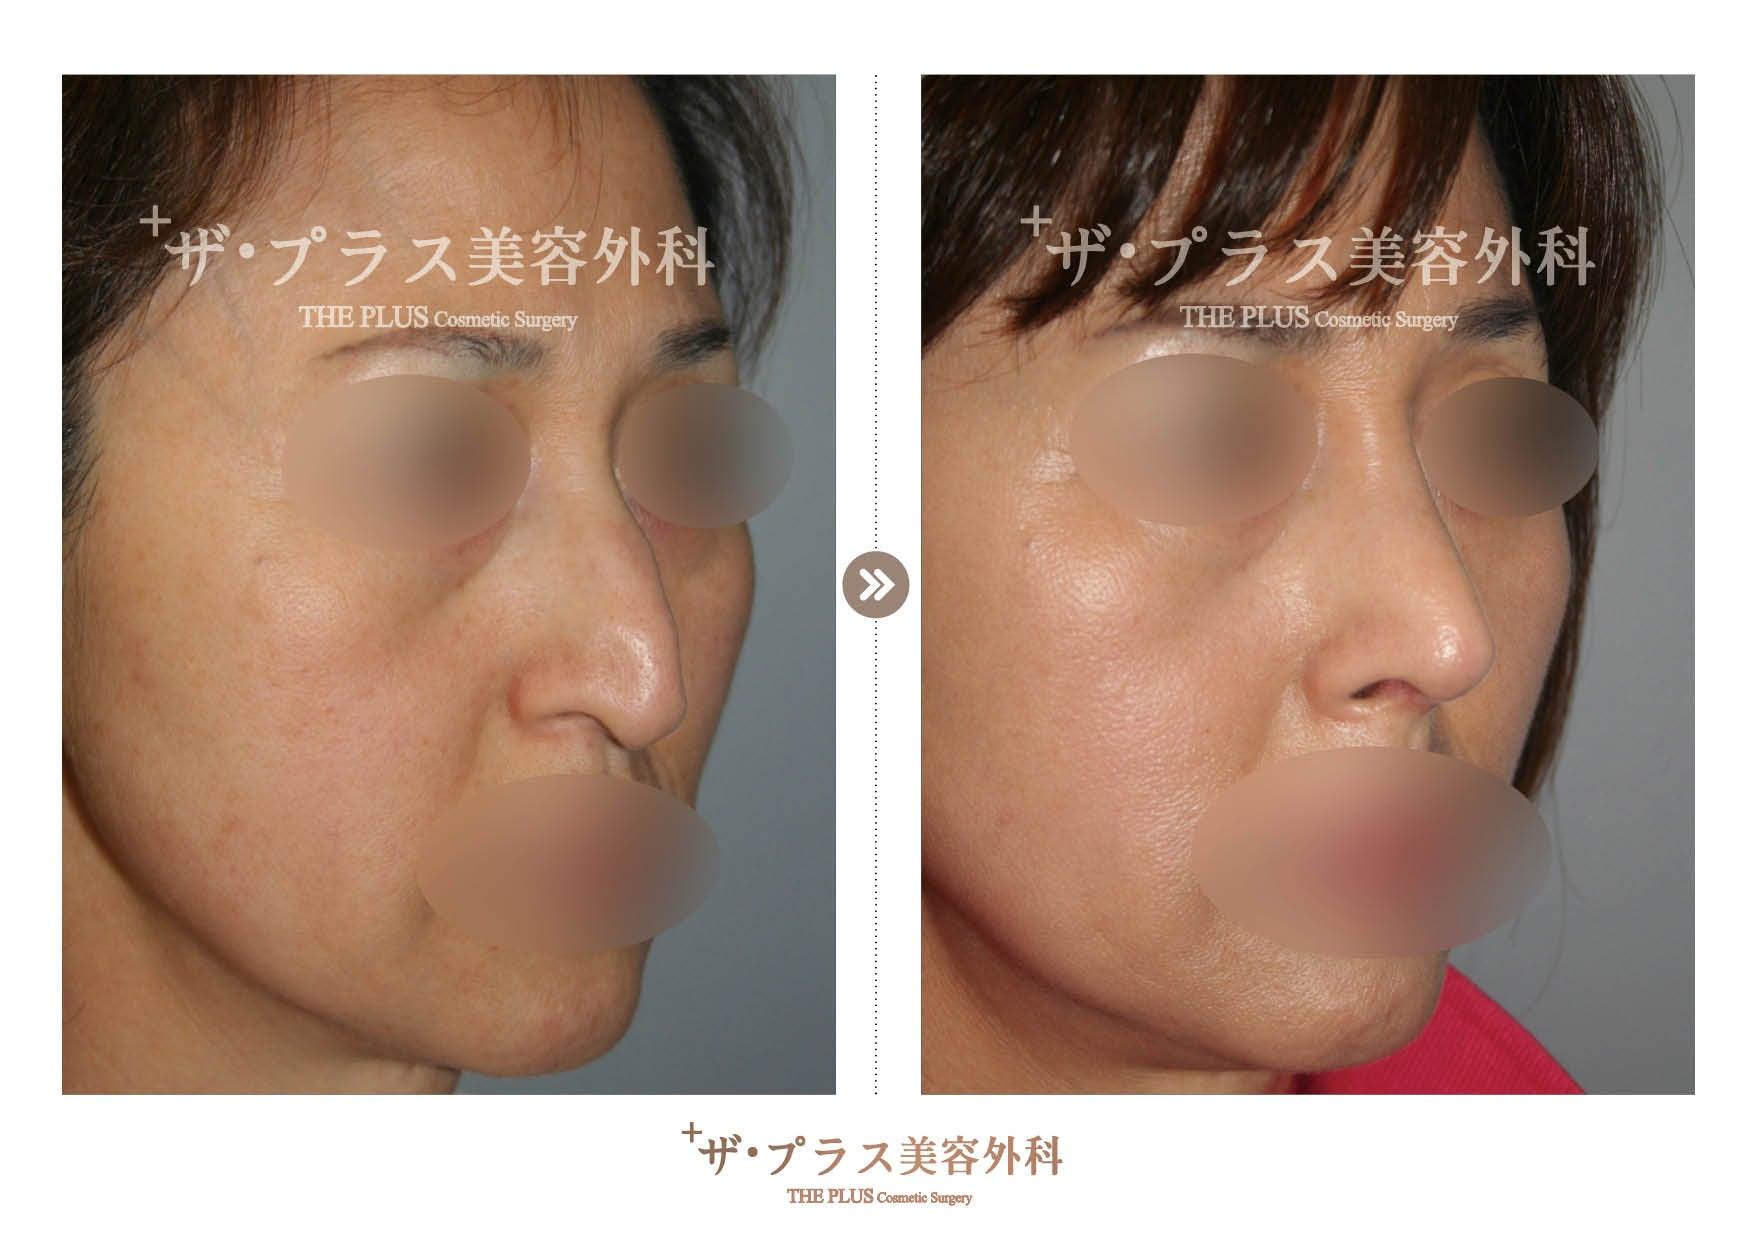 韓国鼻再手術・韓国美容整形